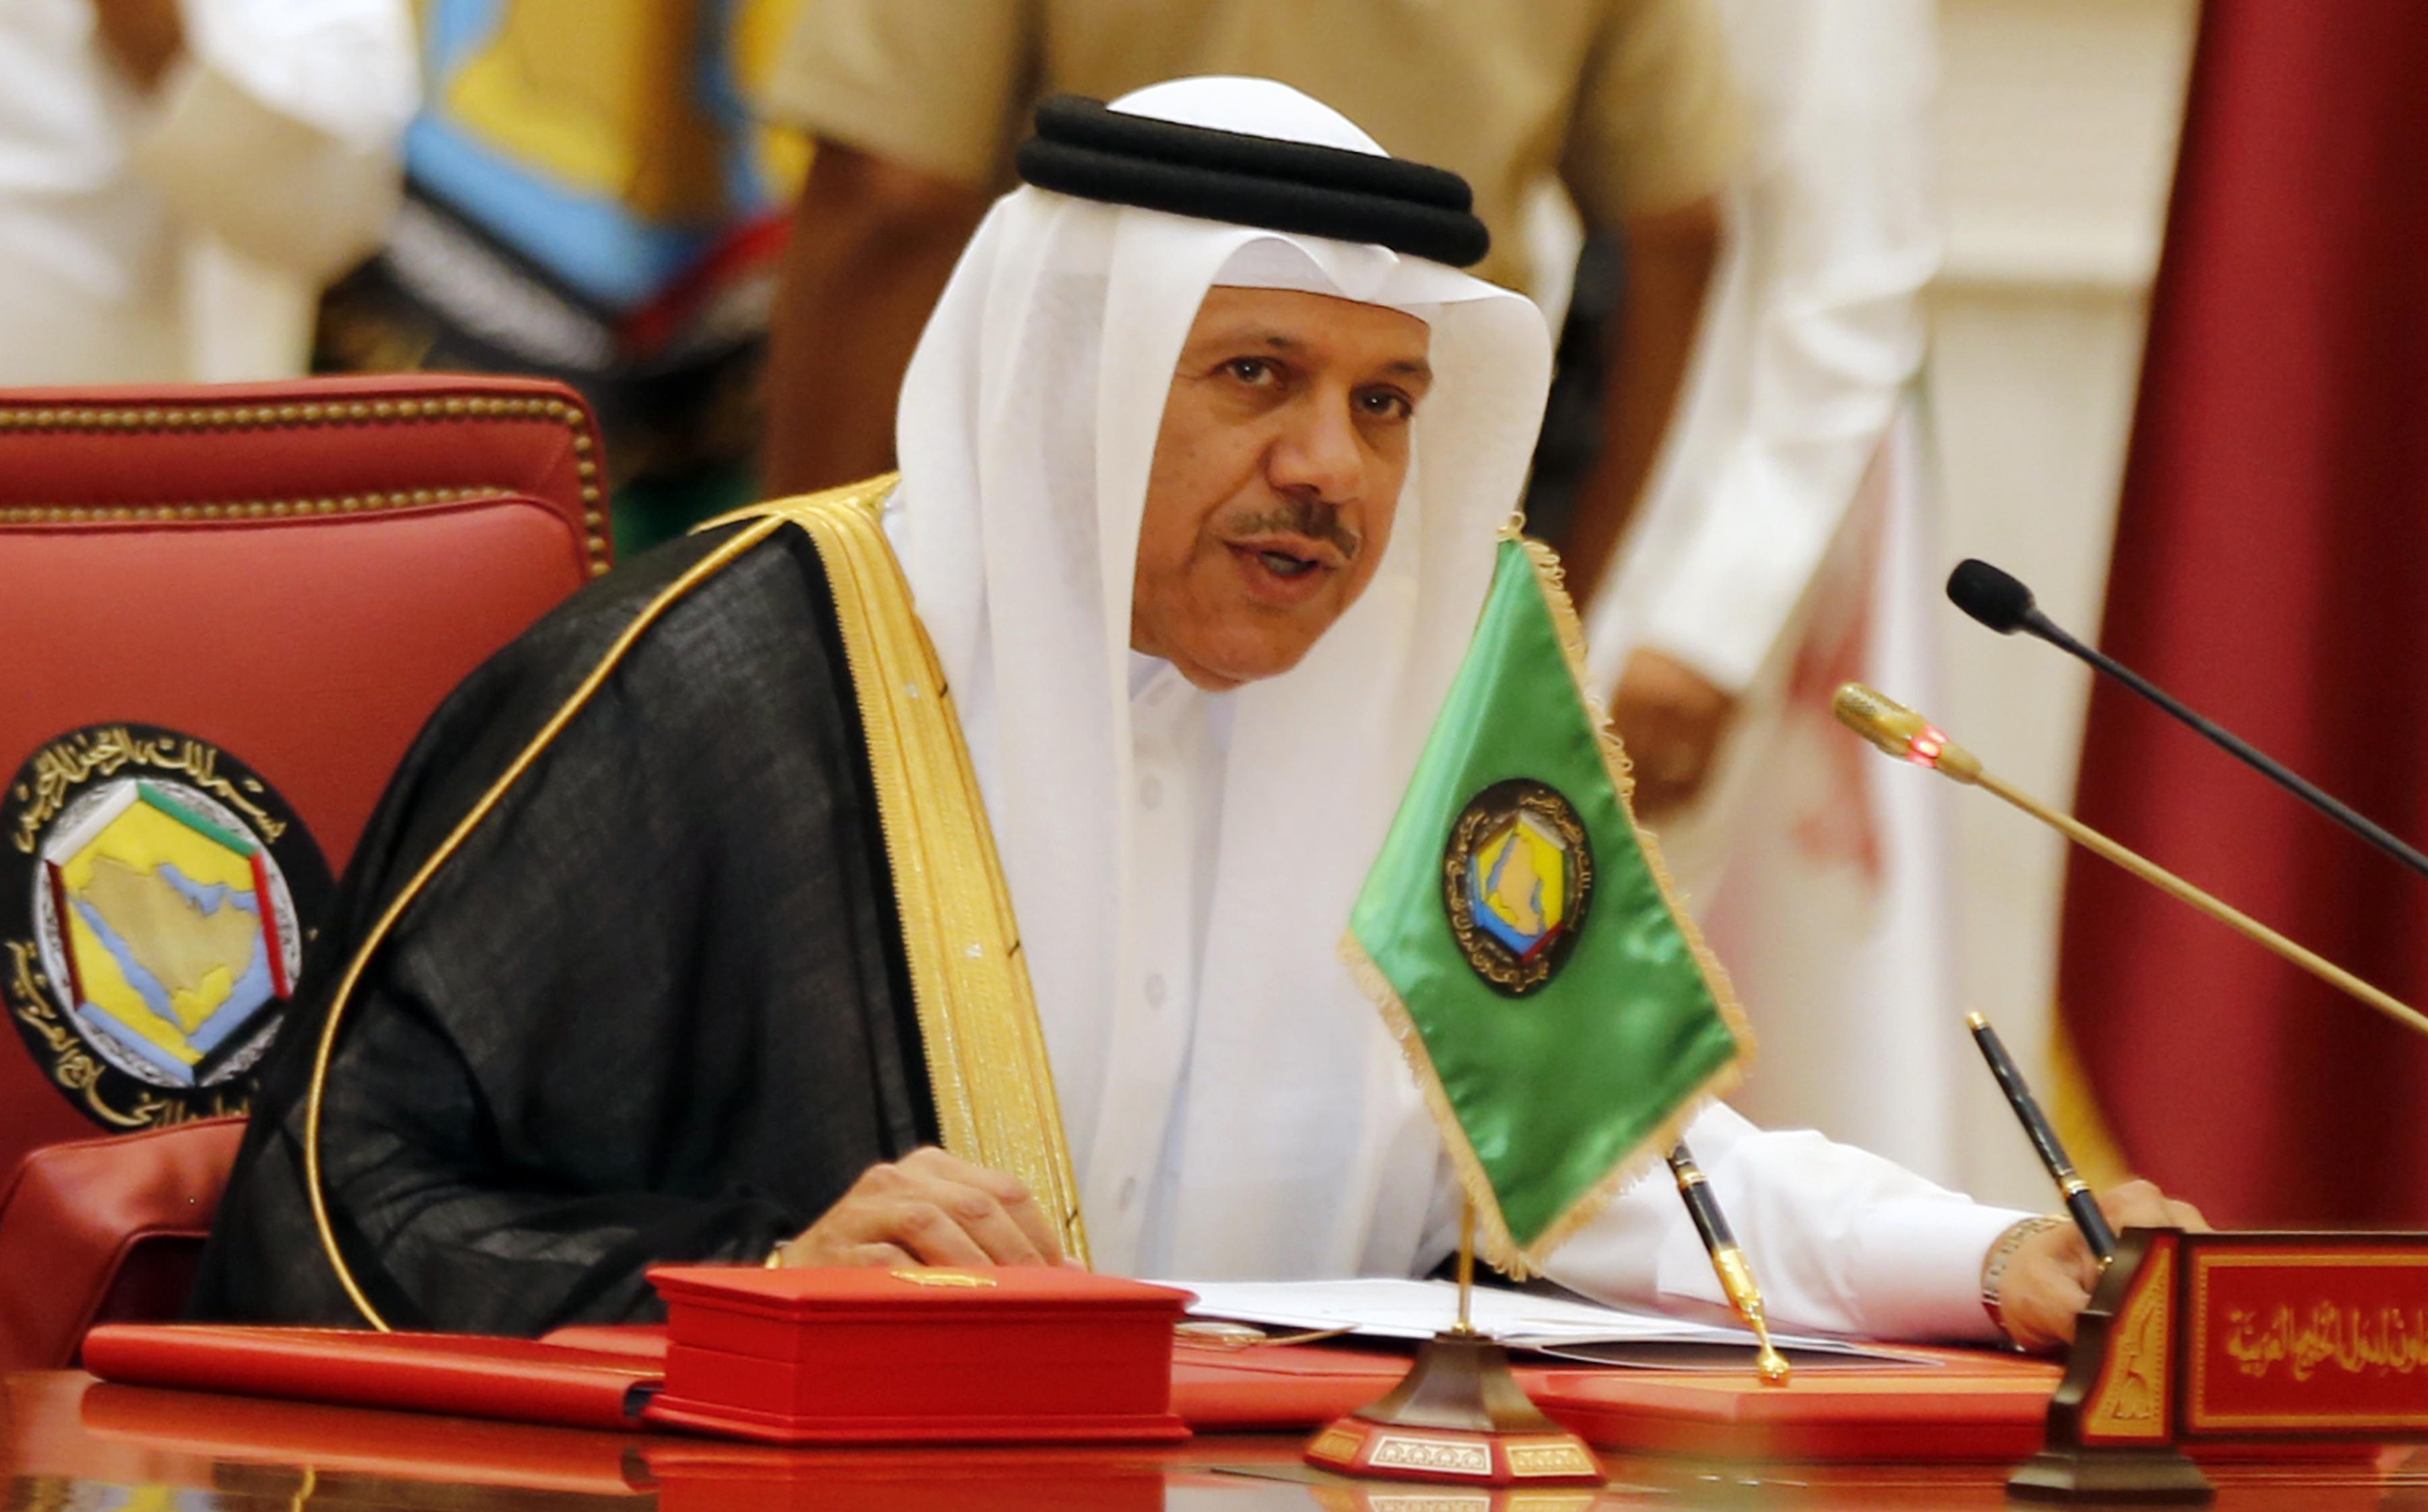 الزياني: دول مجلس التعاون تعمل على تأهيل اقتصاد اليمن للاندماج بالاقتصاد الخليجي - CNNArabic.com